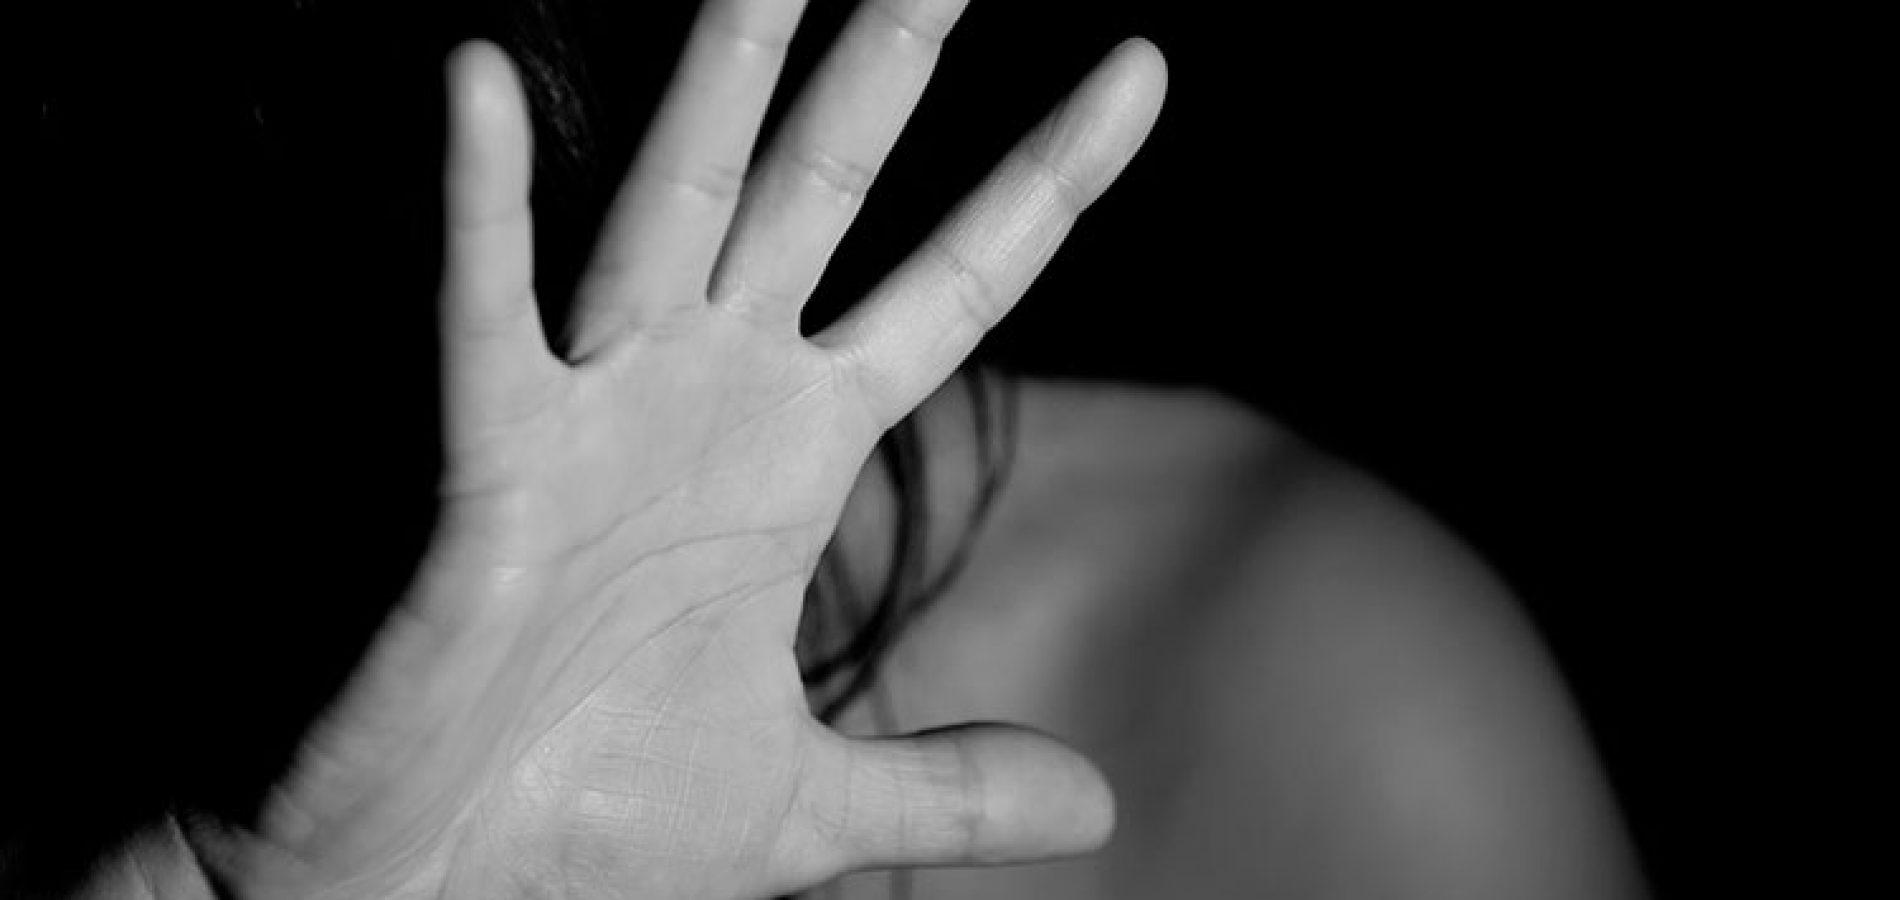 Quase metade das mulheres assassinadas no Piauí em 2018 foram vítimas de feminicídio